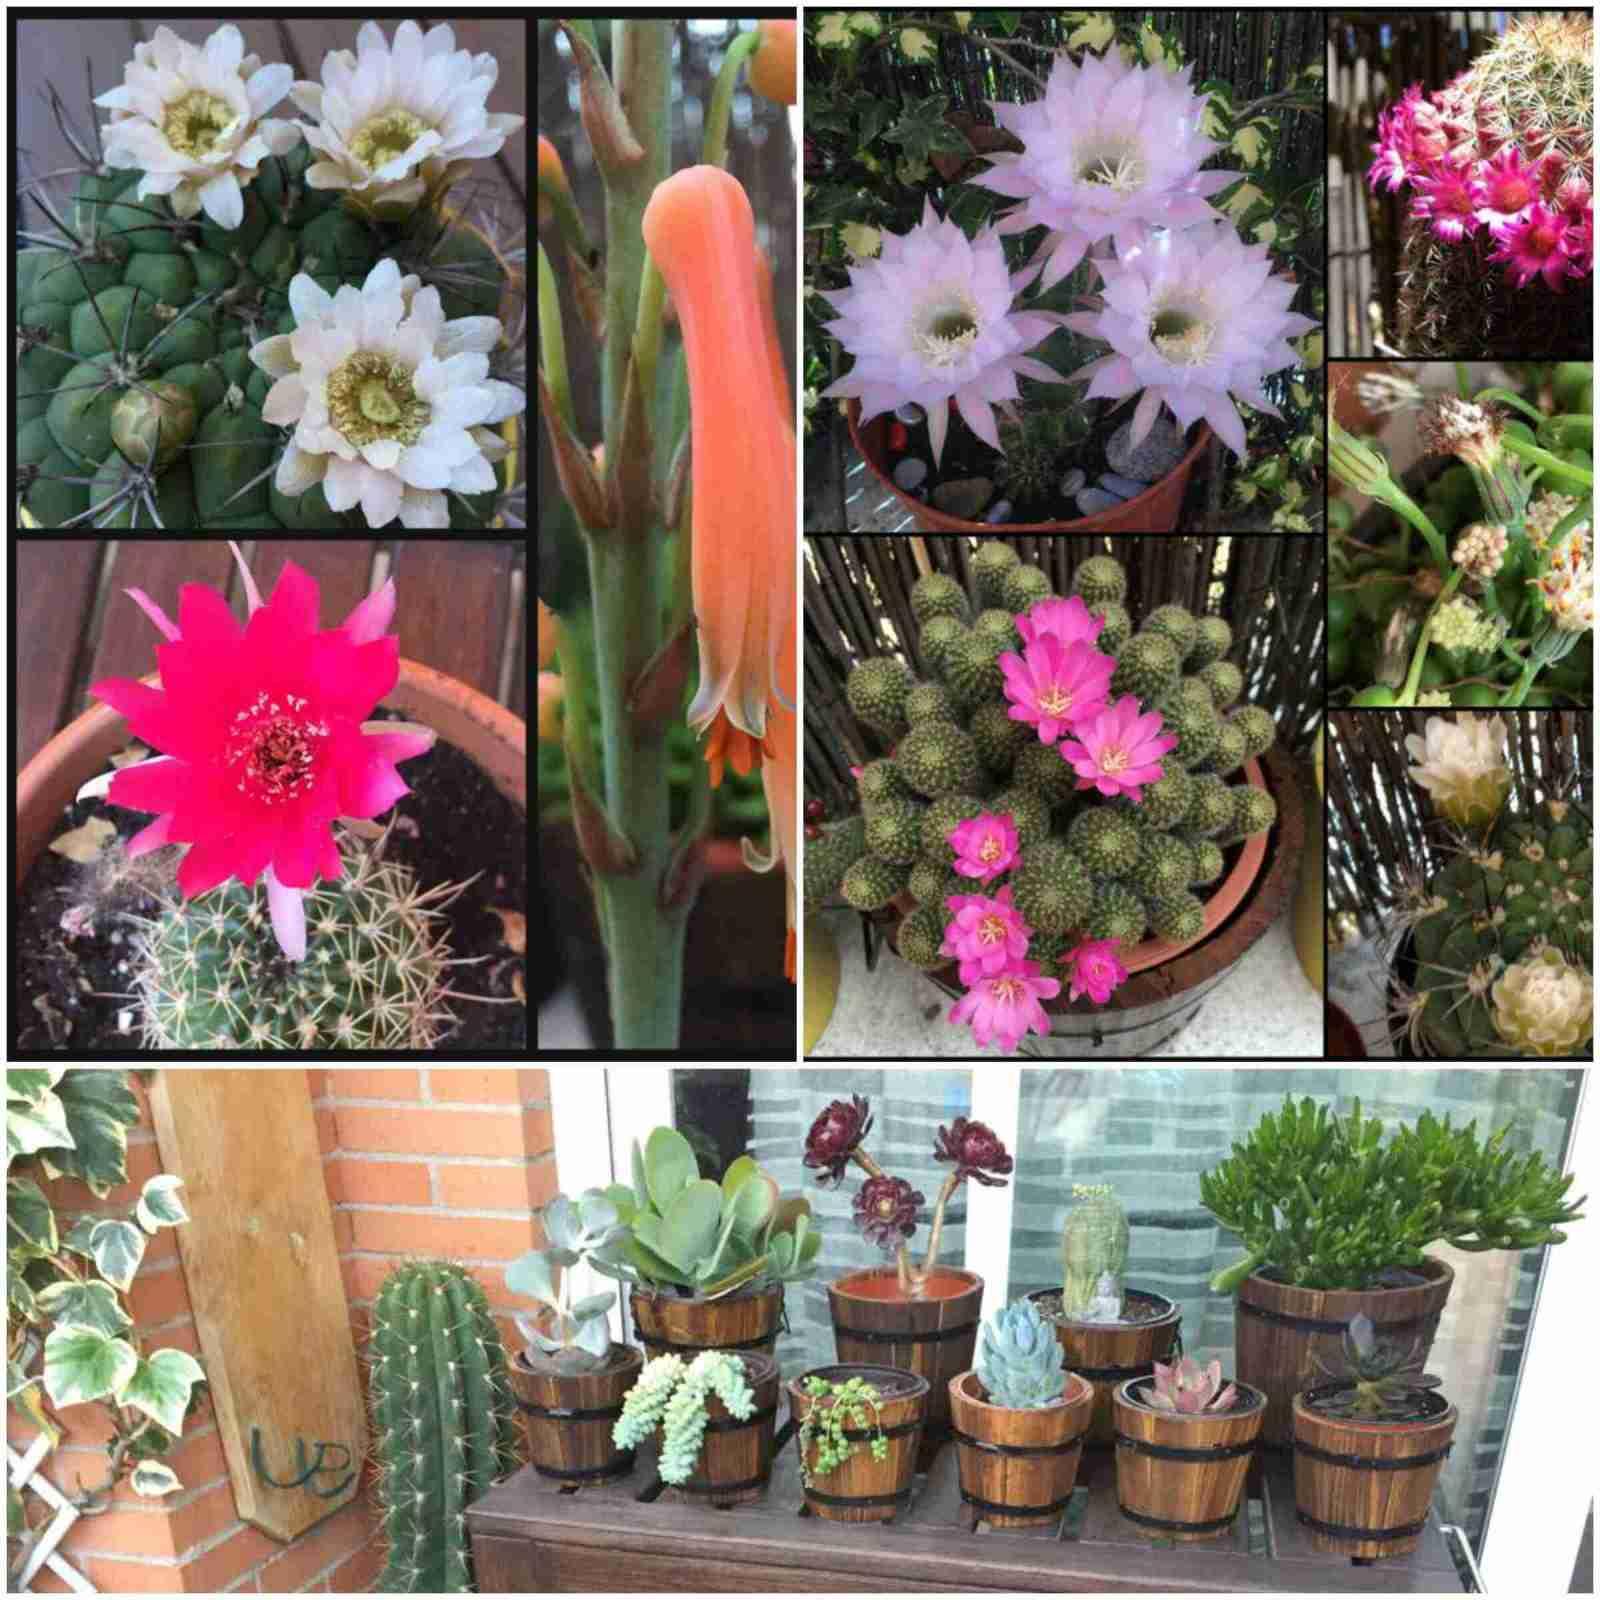 Coleccion de cactus por Conchita Esteban 2